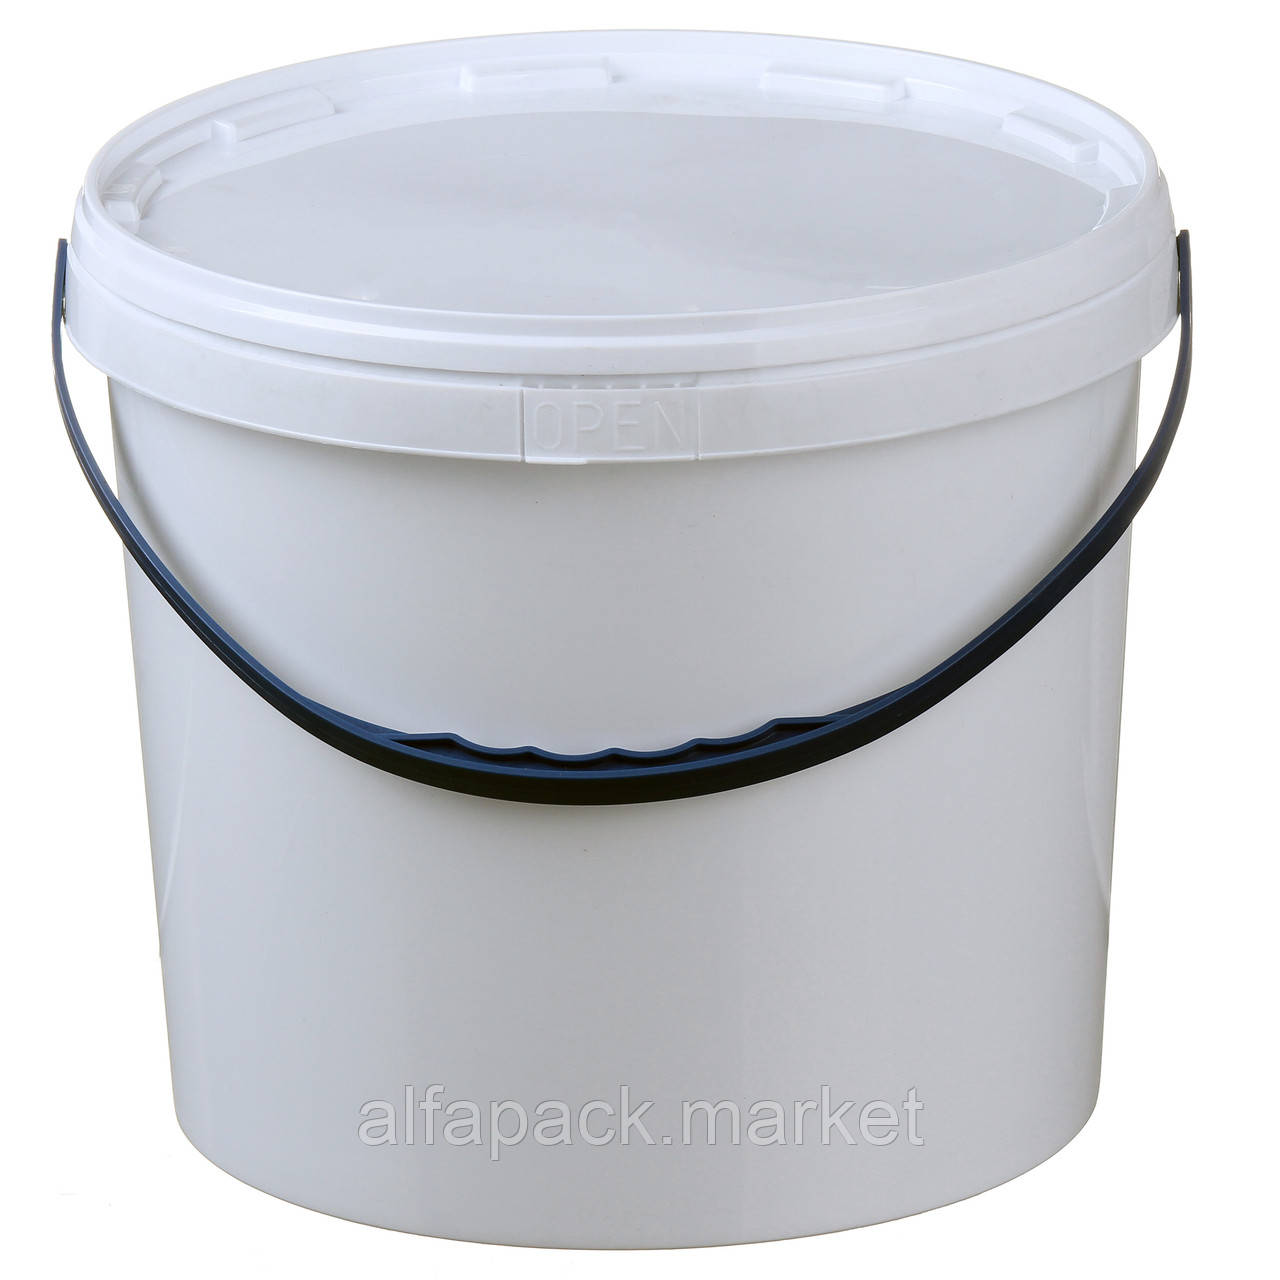 Ведро 5 л. пластиковое для пищевых продуктов, белое 020000051